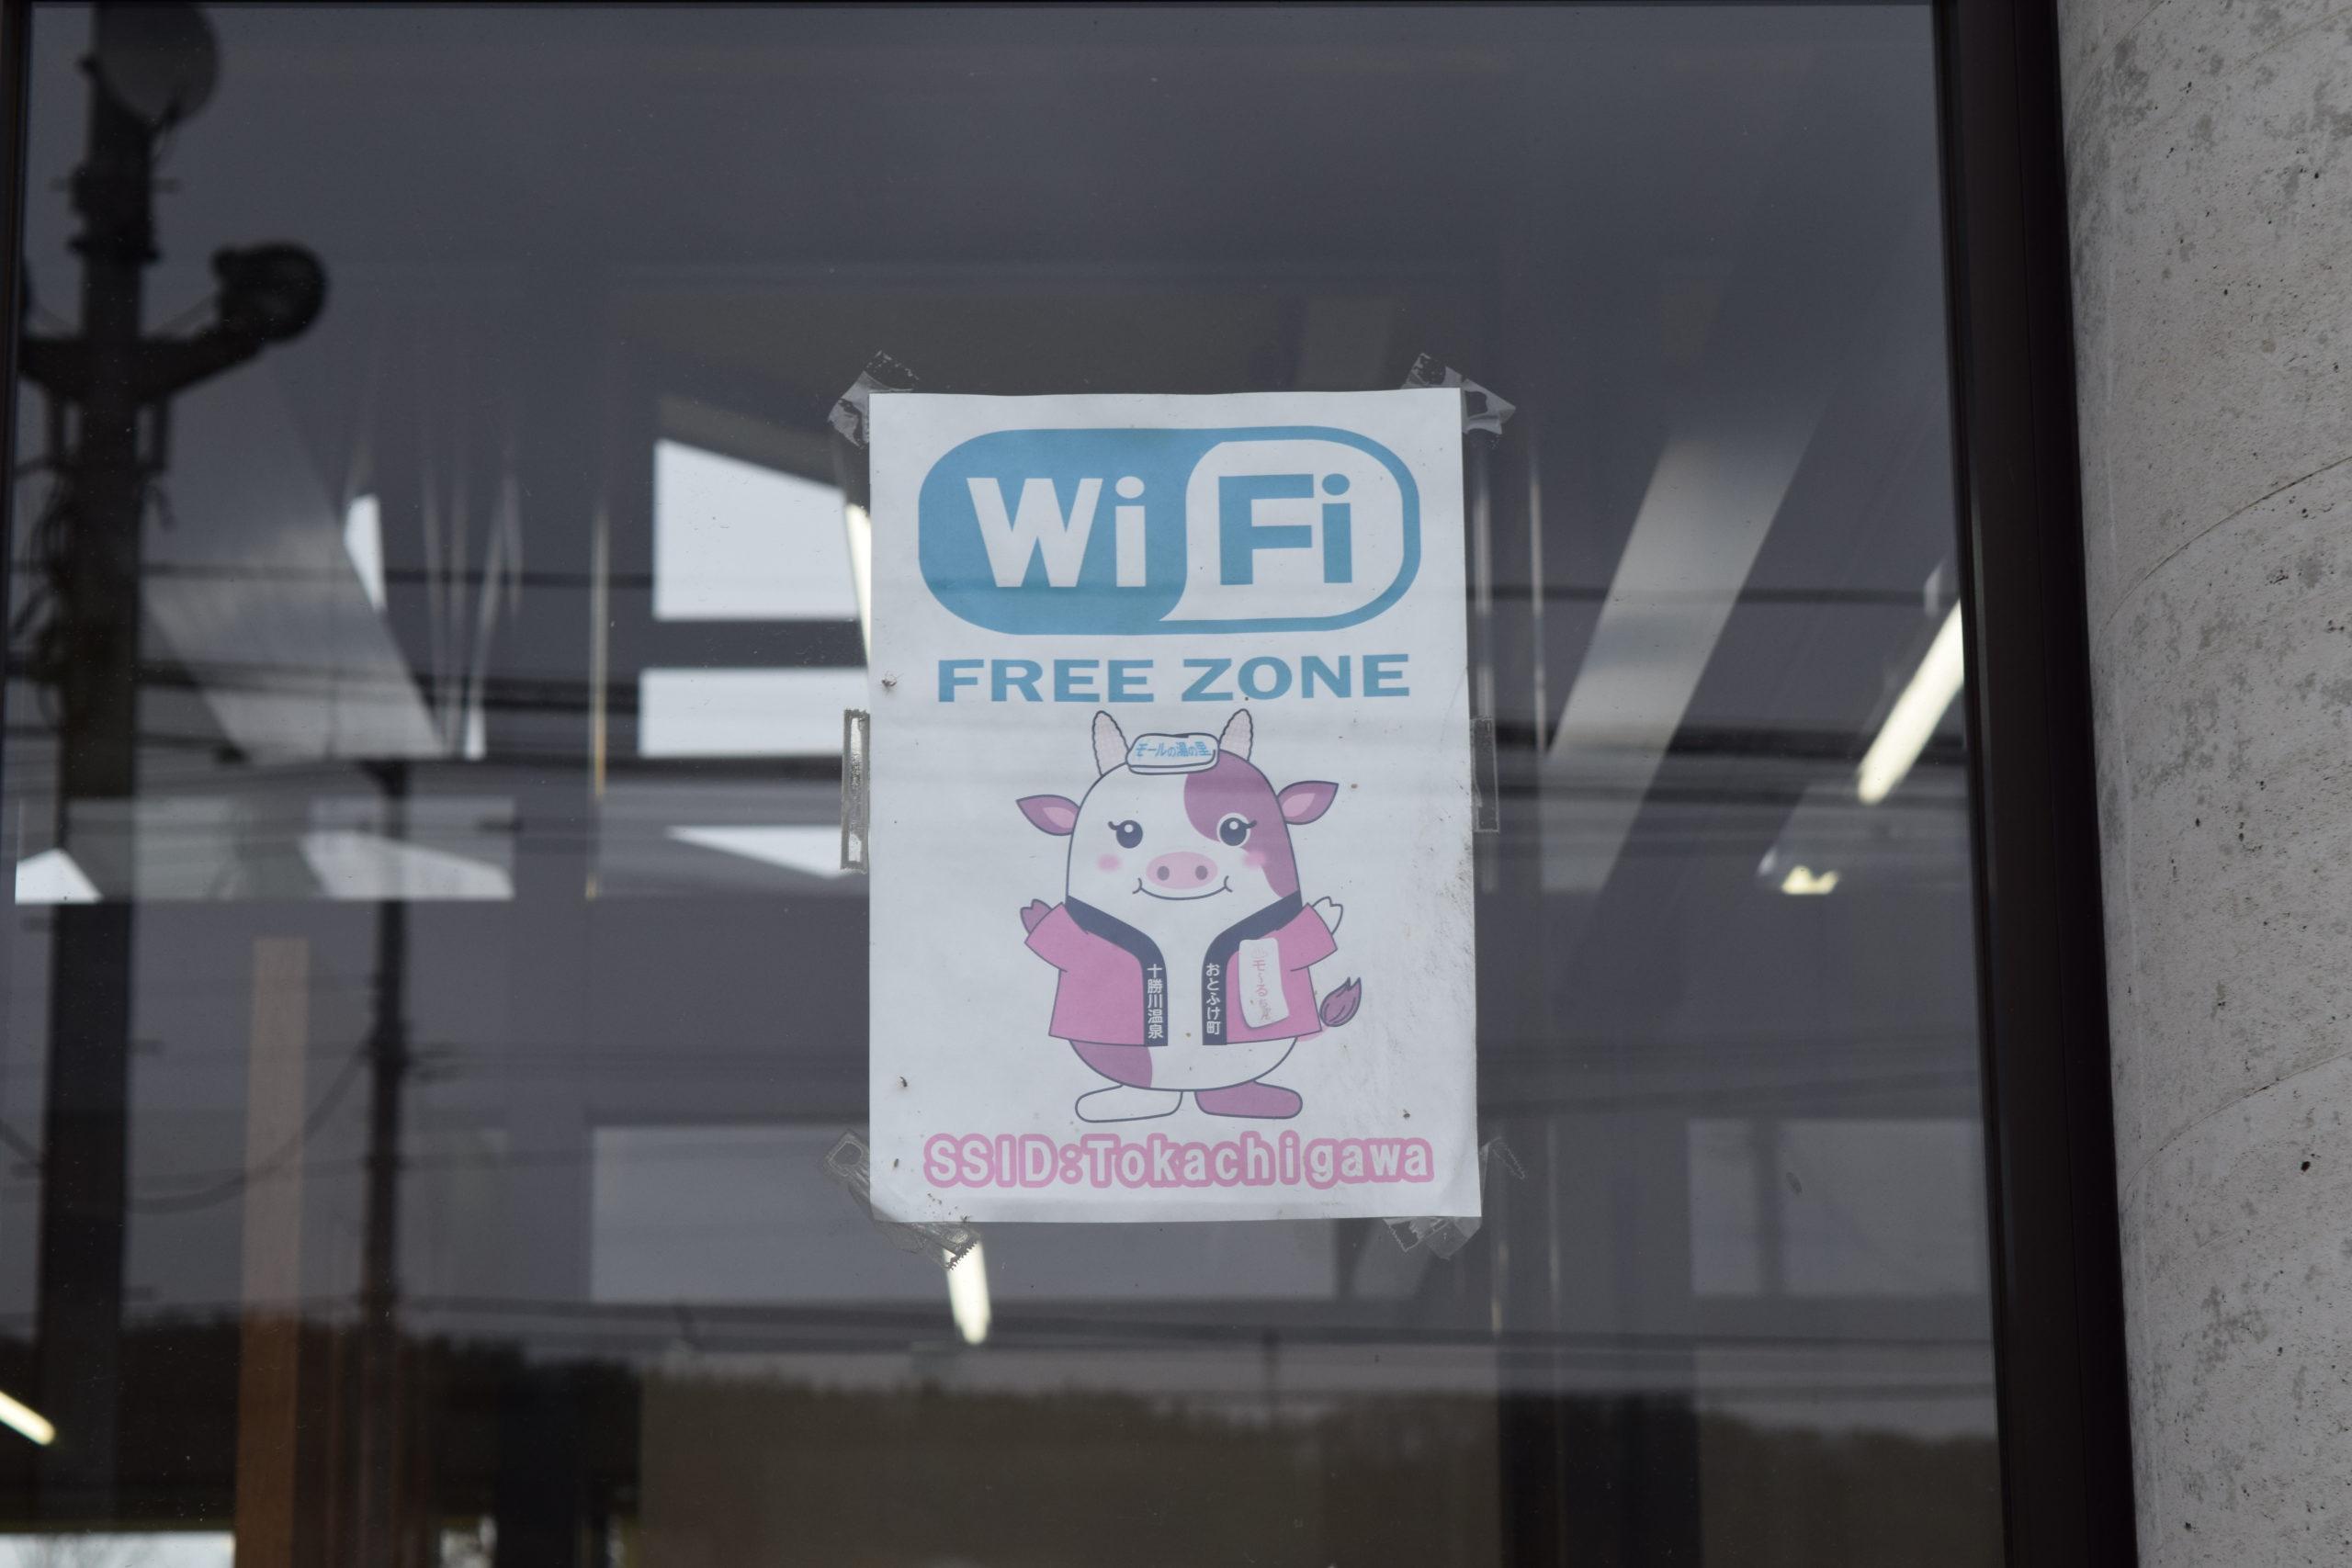 十勝川Wi-Fi